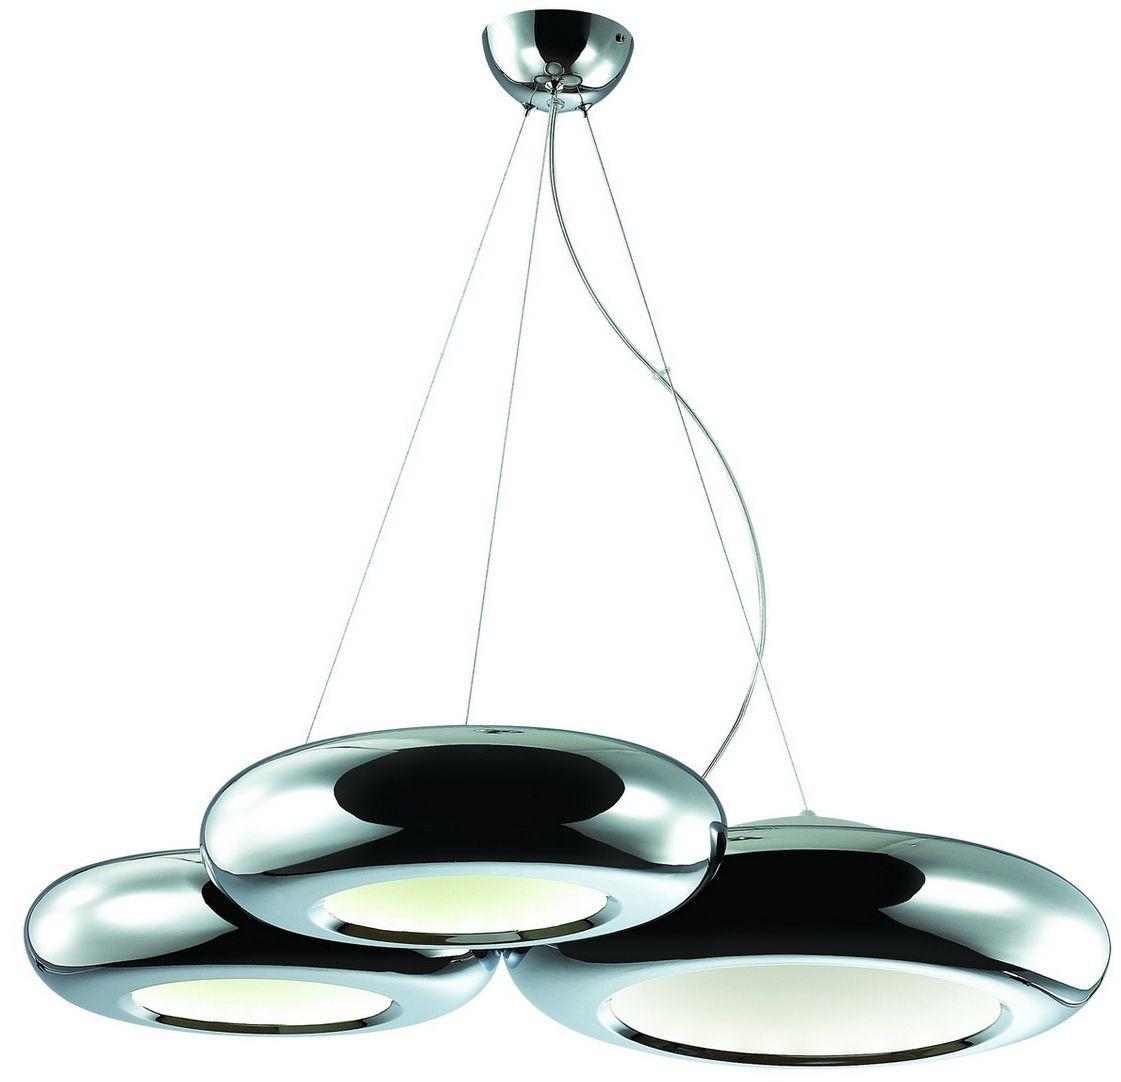 Люстра подвесная Favourite Kreise, 1 х LED, 64W. 1527-52P1527-52P